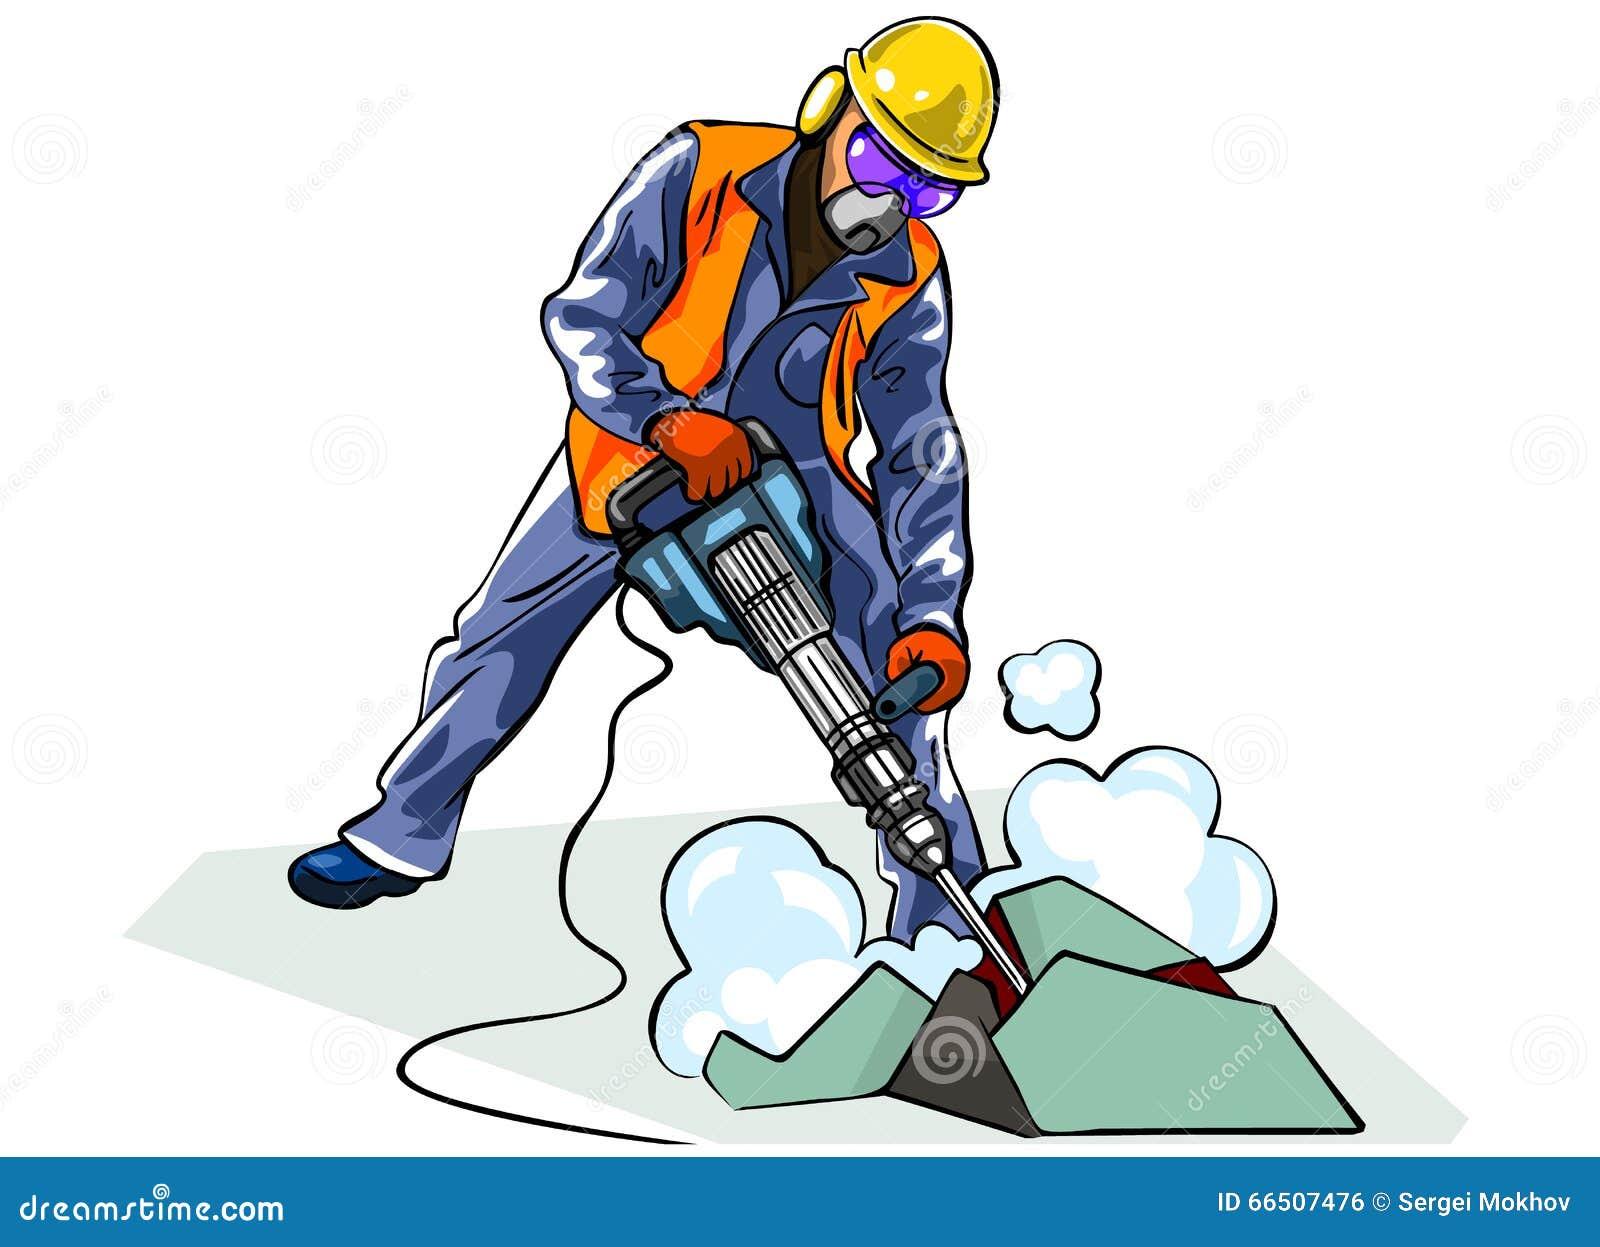 worker with jackhammer stock vector illustration of male 66507476. Black Bedroom Furniture Sets. Home Design Ideas